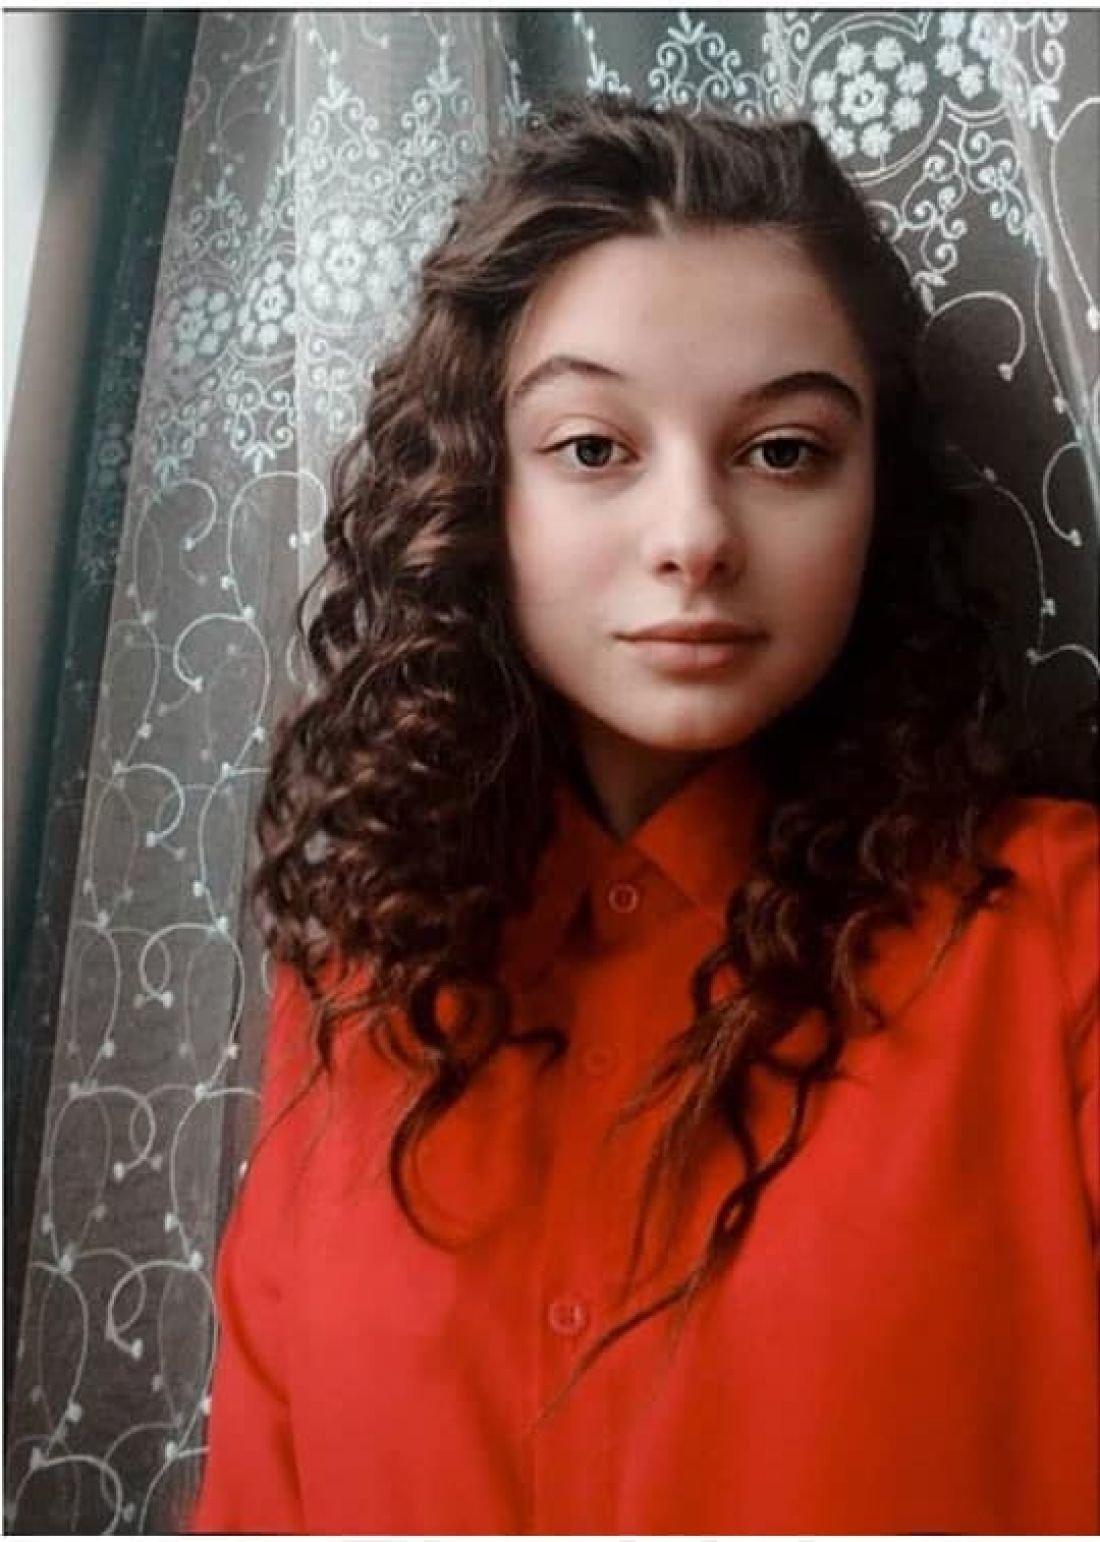 У Тернополі звинувачують медиків, які відправили дитину з пухлиною головного мозку додому, бо думали, що у неї отруєння (ДОКУМЕНТ), фото-2